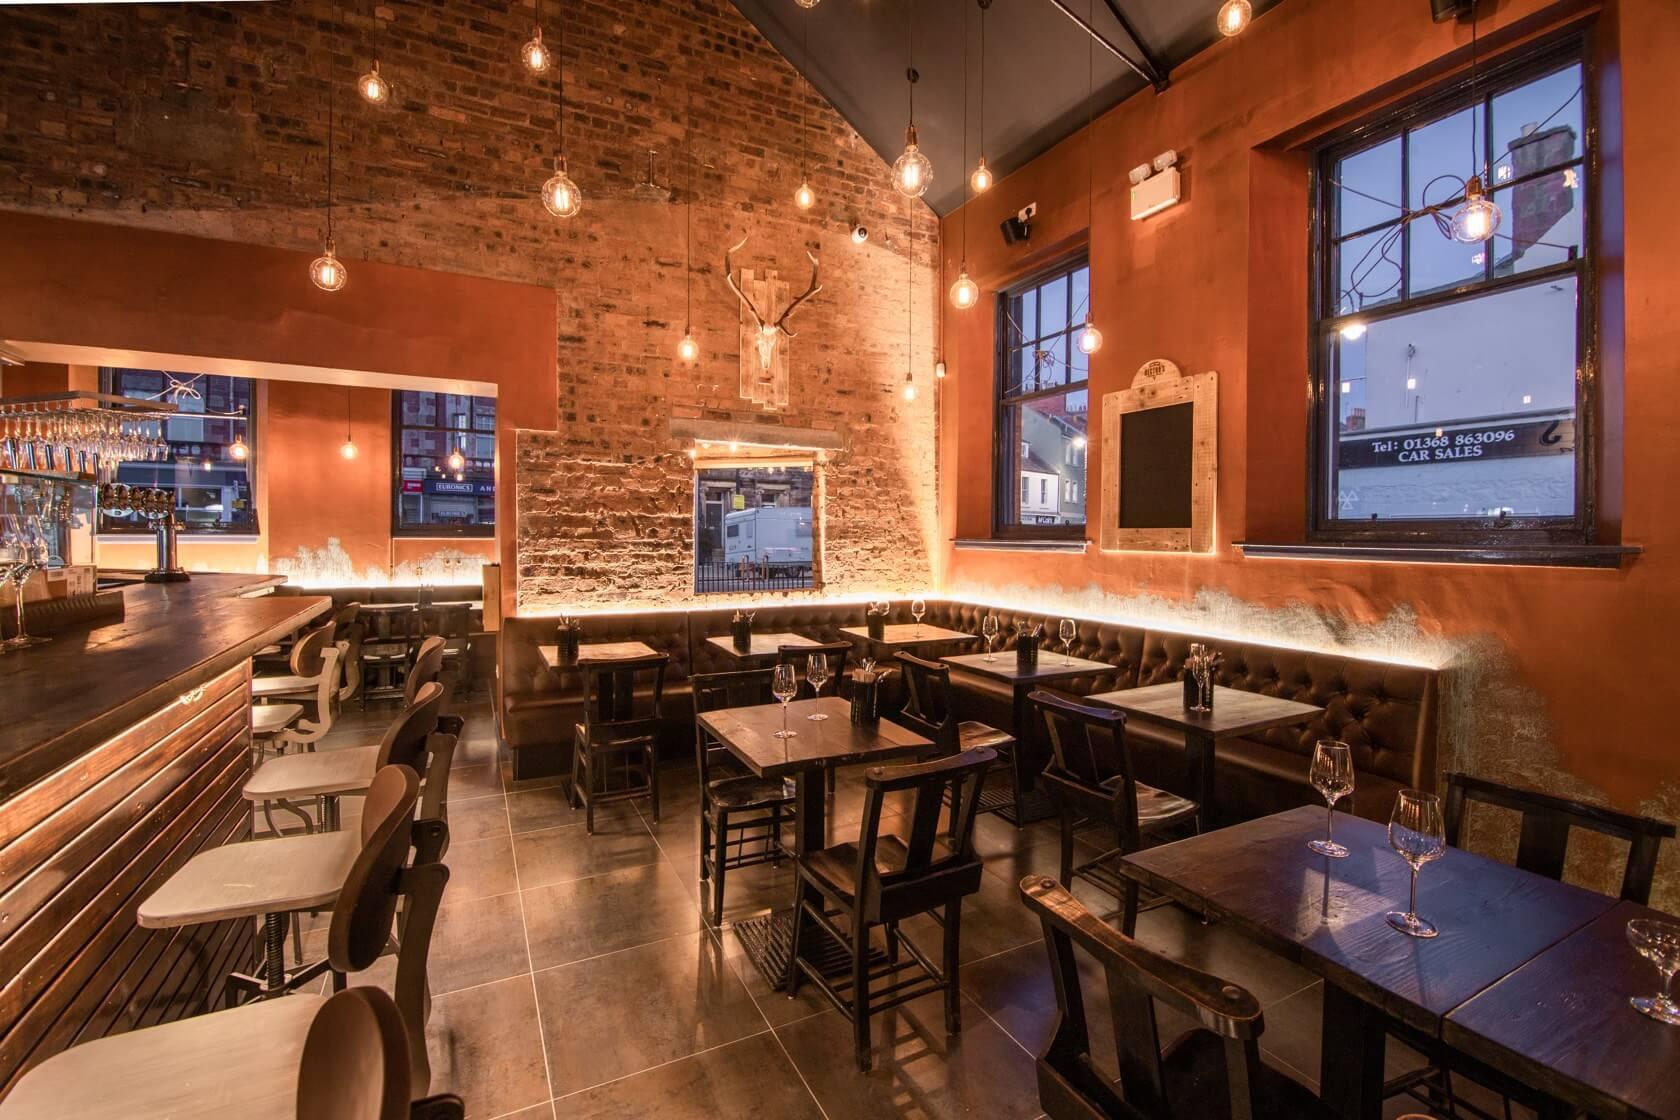 Hector's Artisan Pizza, Dunbar 04 - C&G Development